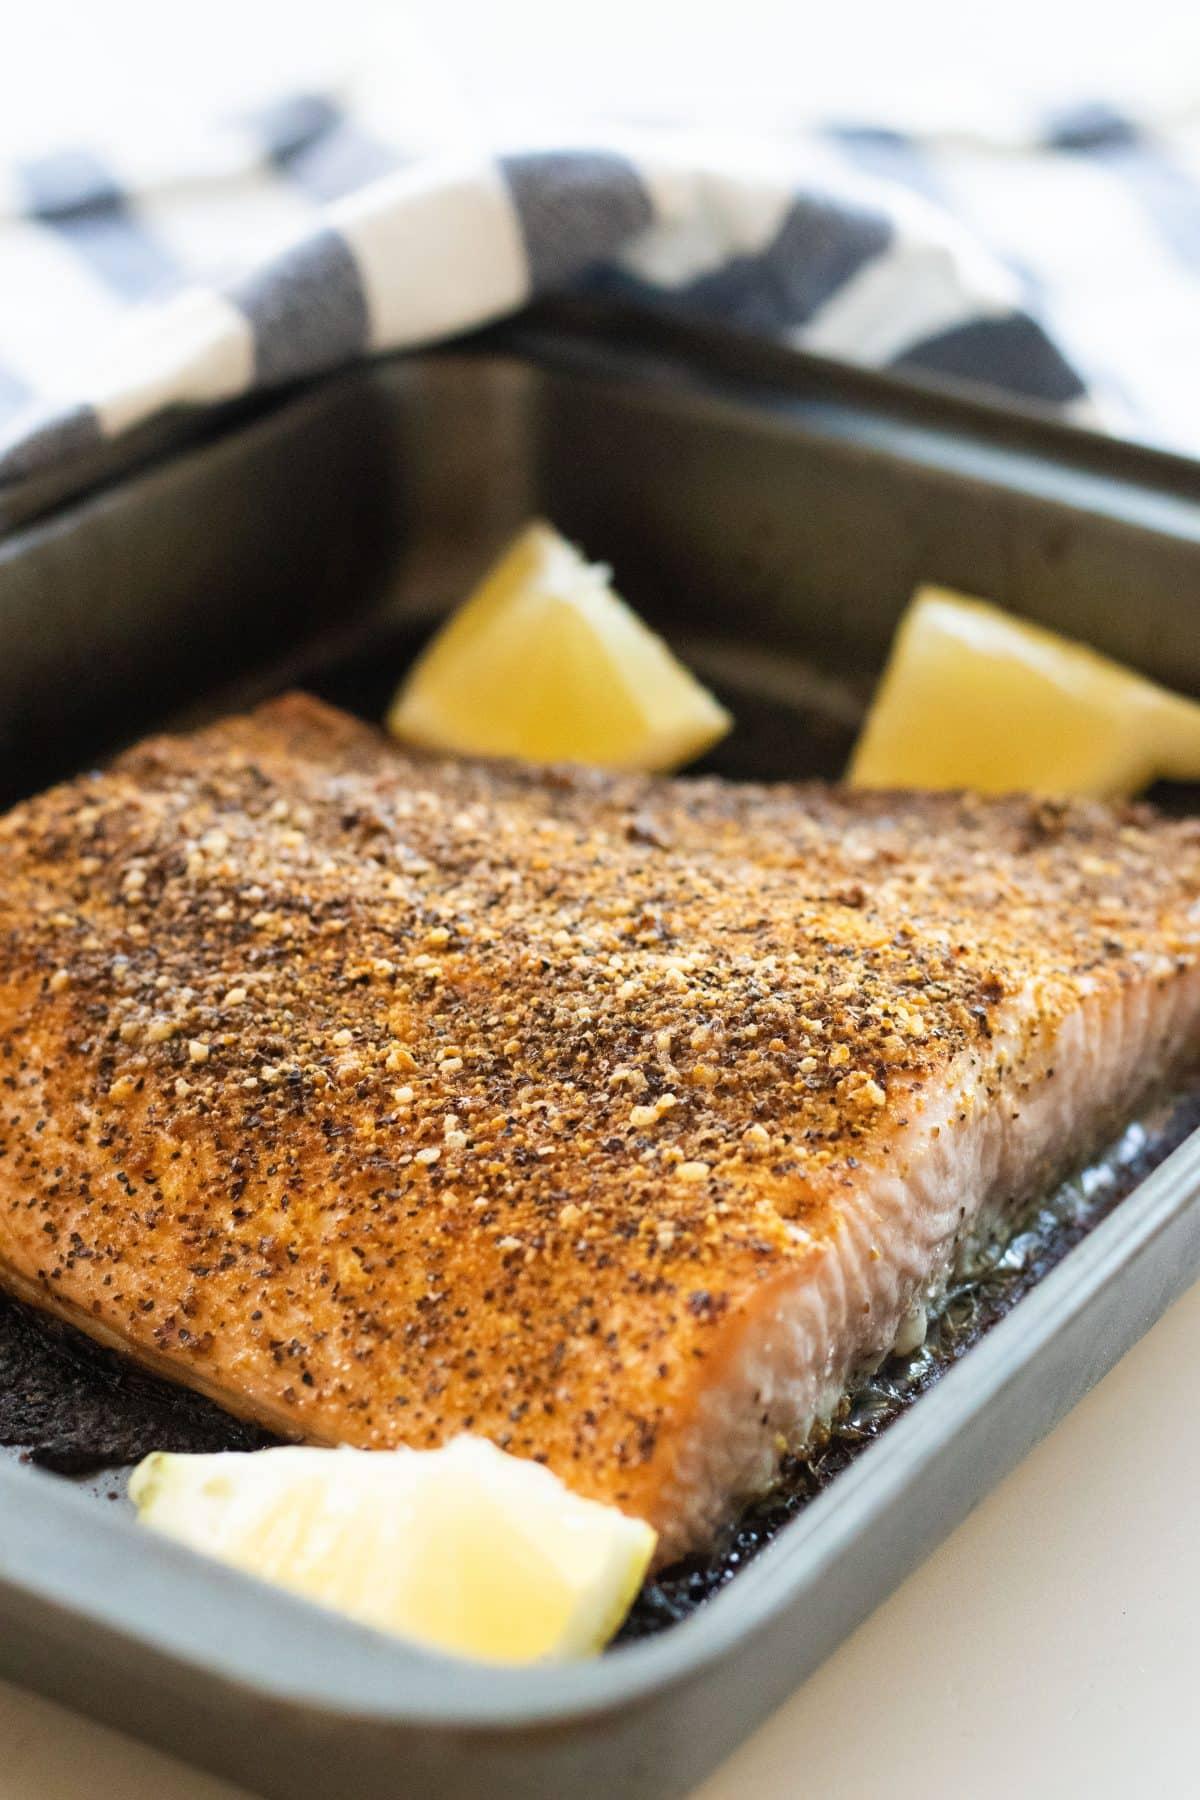 Oven Baked Salmon With Lemon Pepper